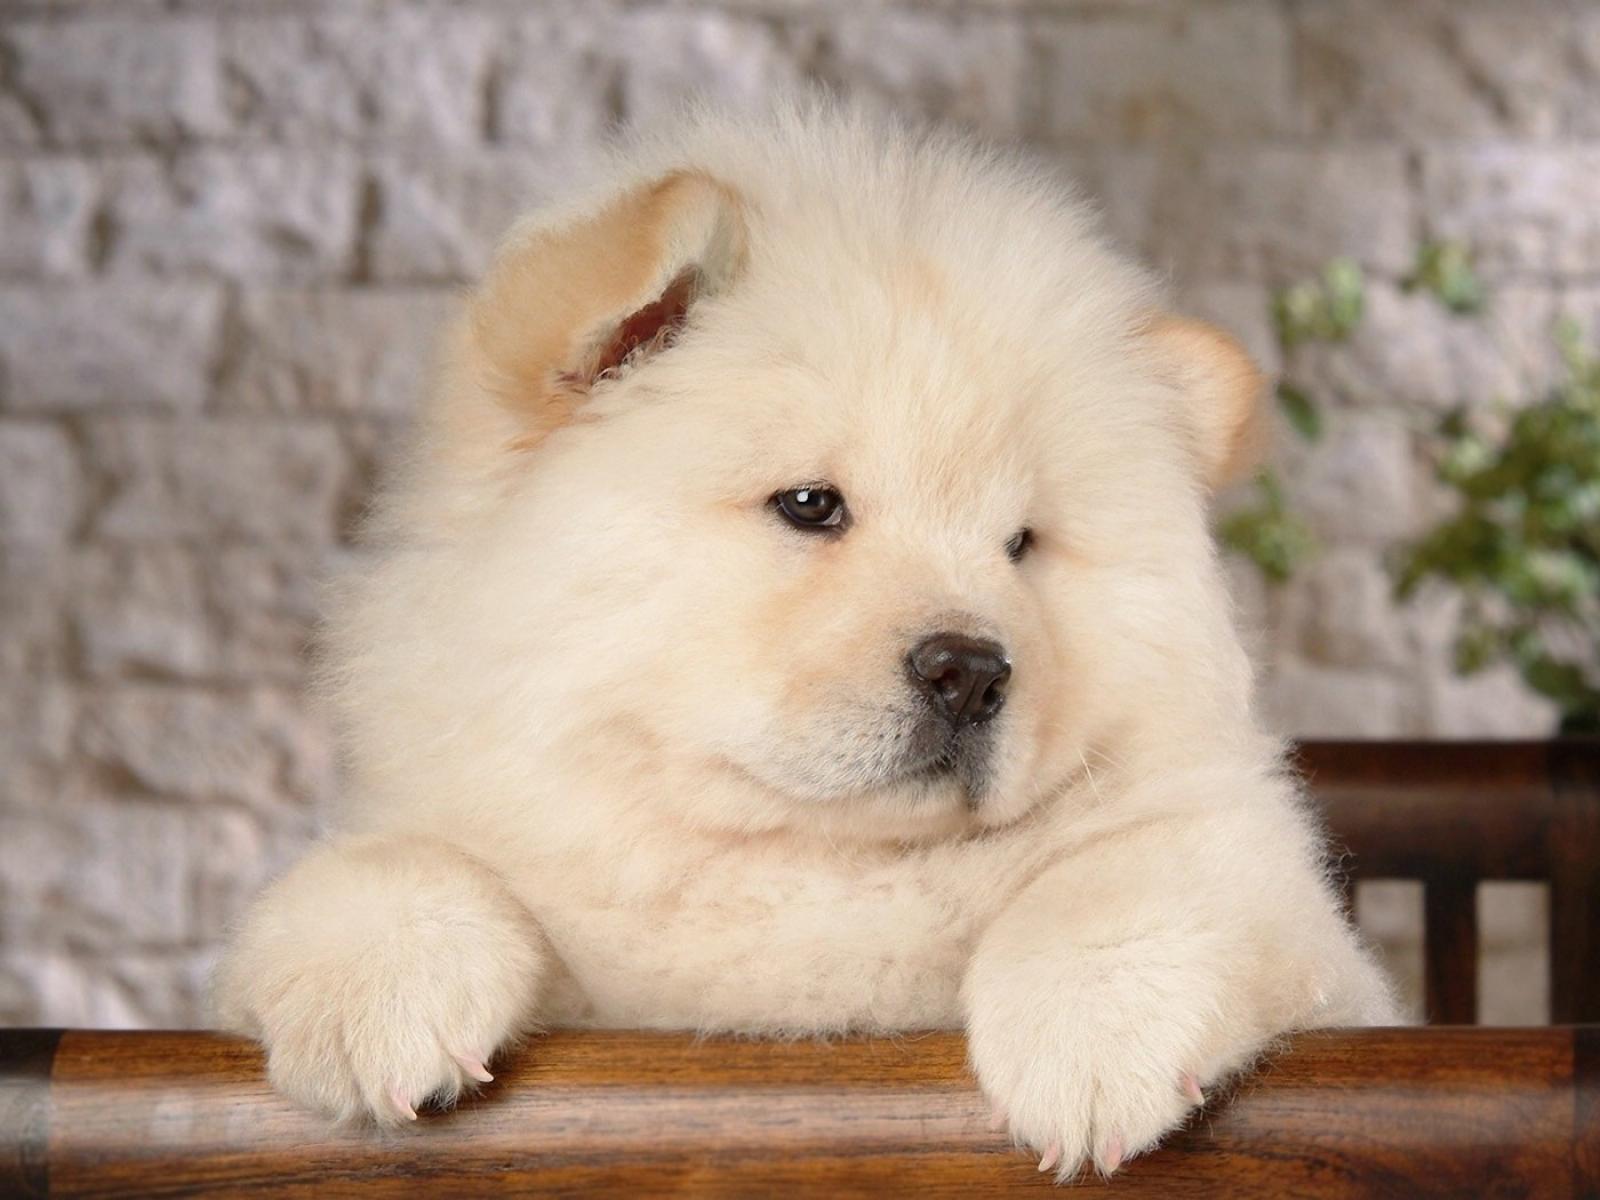 Chú chó chow chow lông trắng xù trông mặt khá là buồn